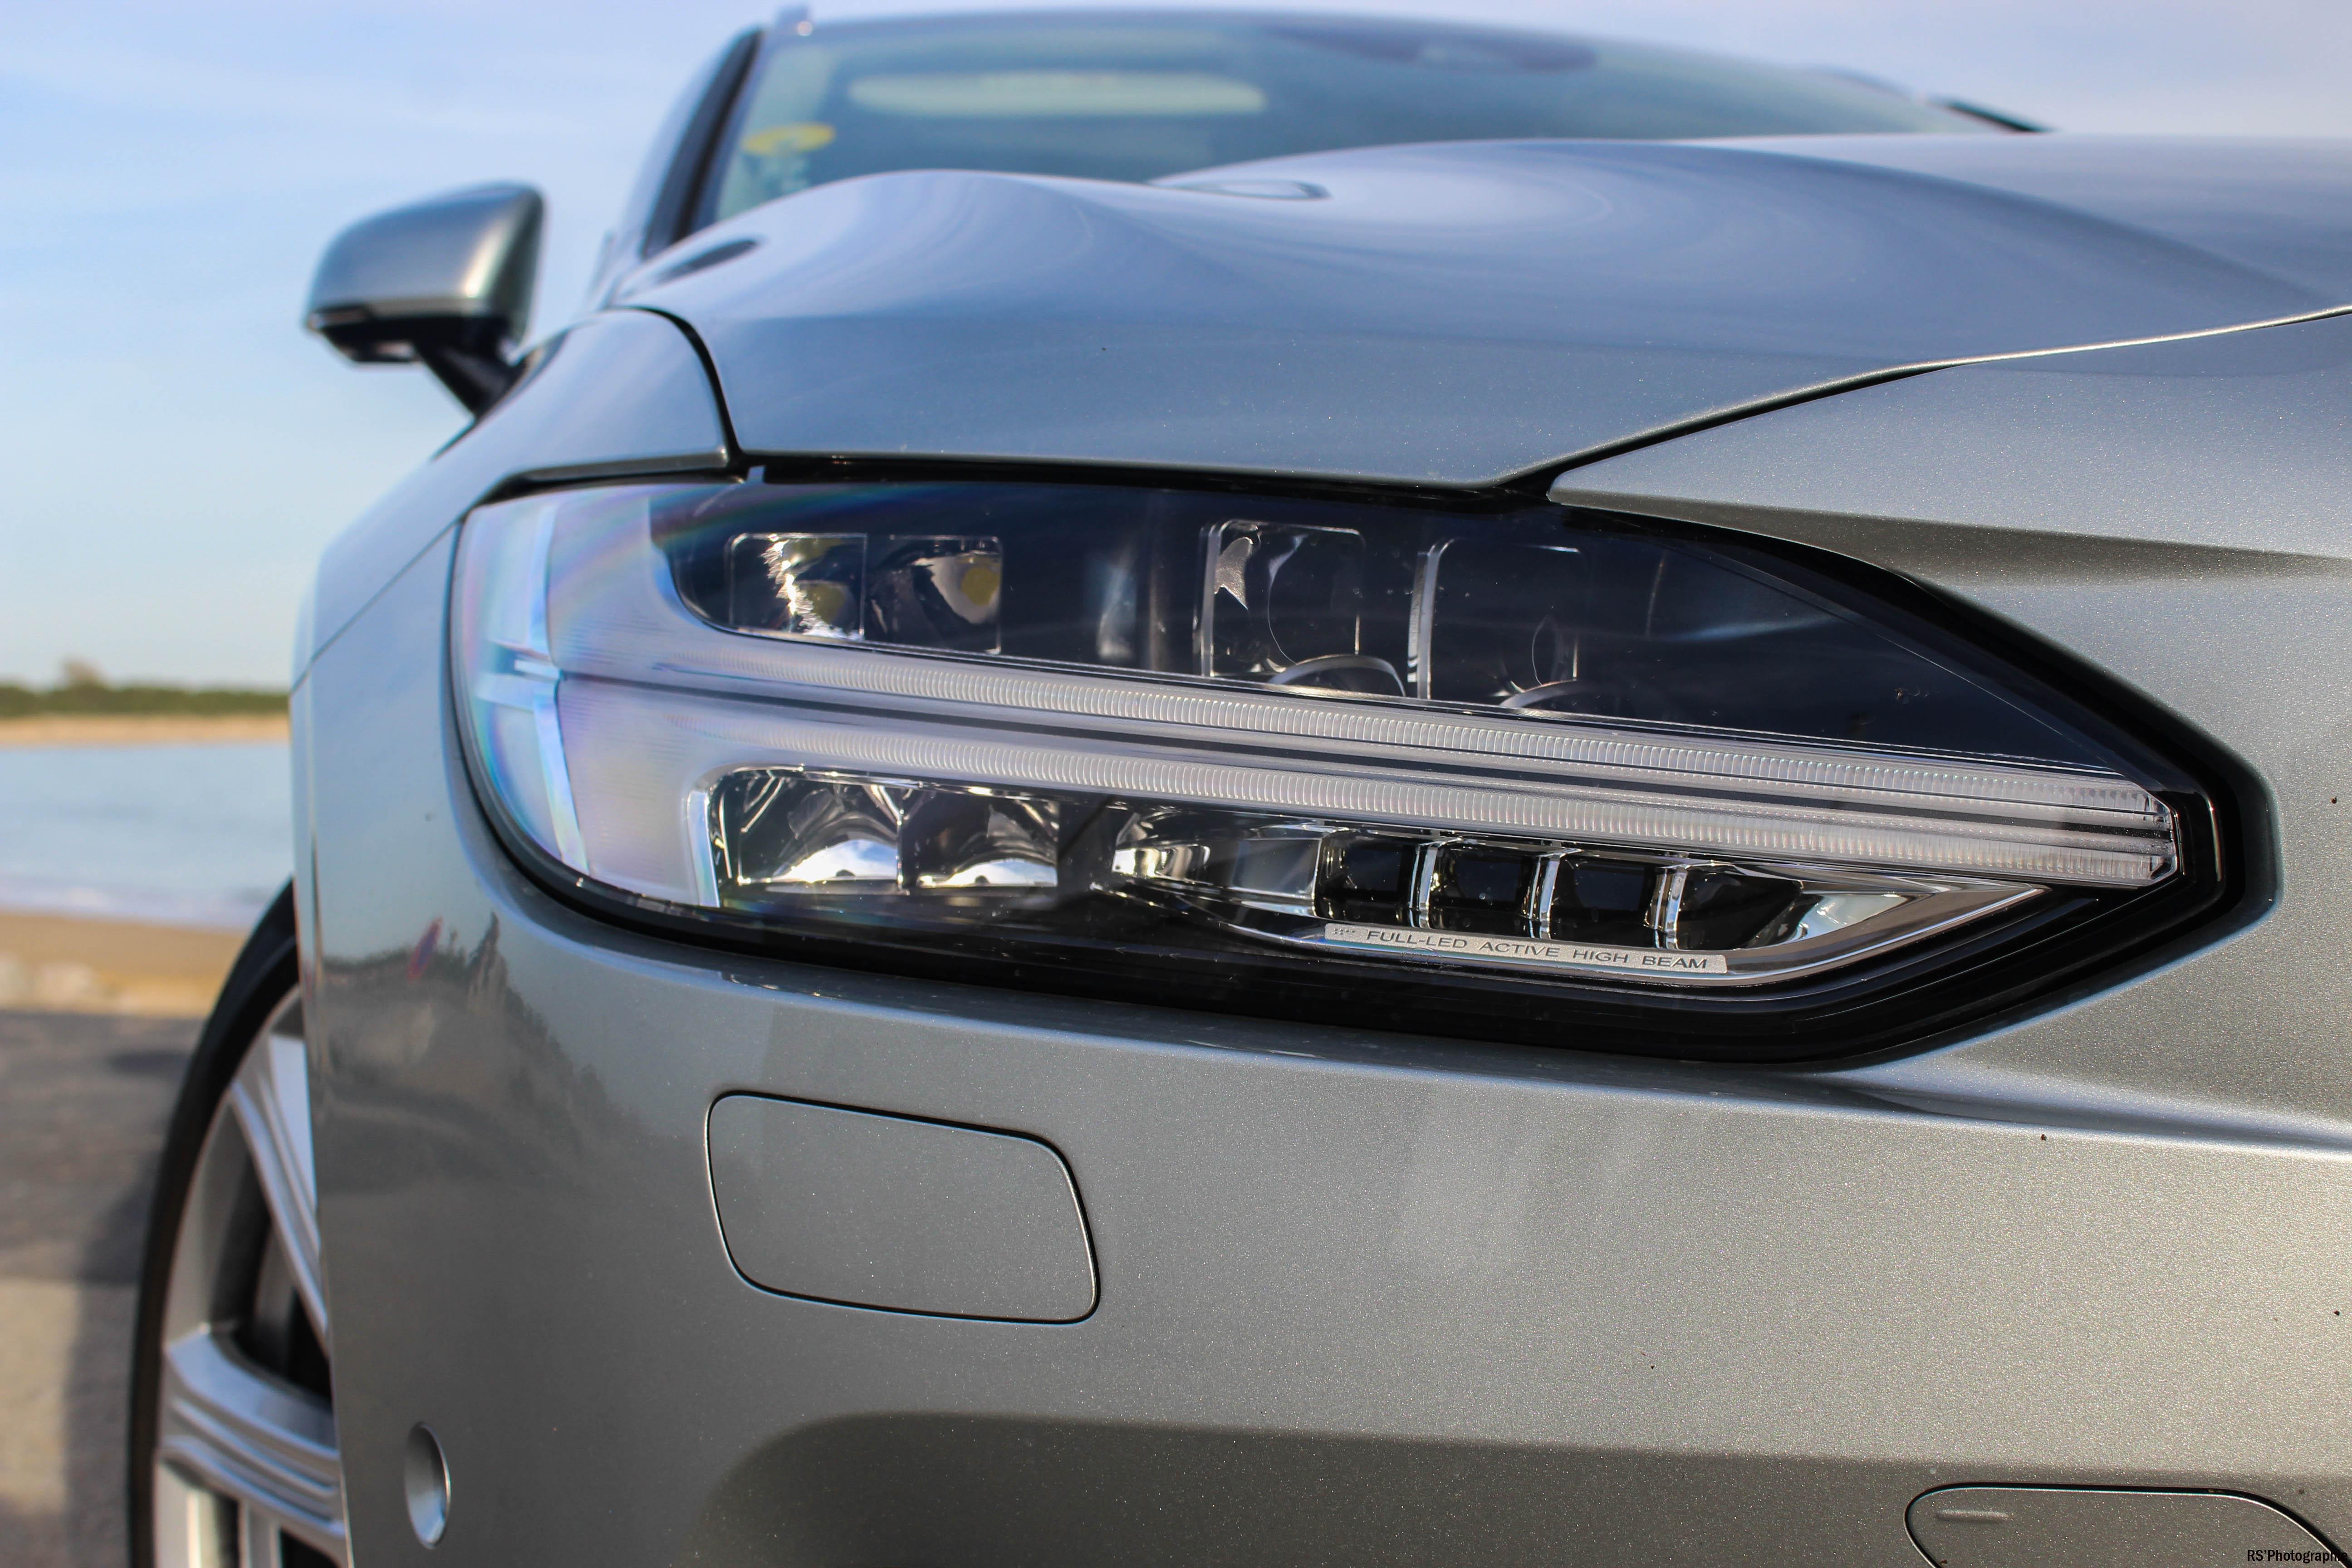 VolvoV9016-volvo-v90-d5-phare-headlight-Arnaud Demasier-RSPhotographie